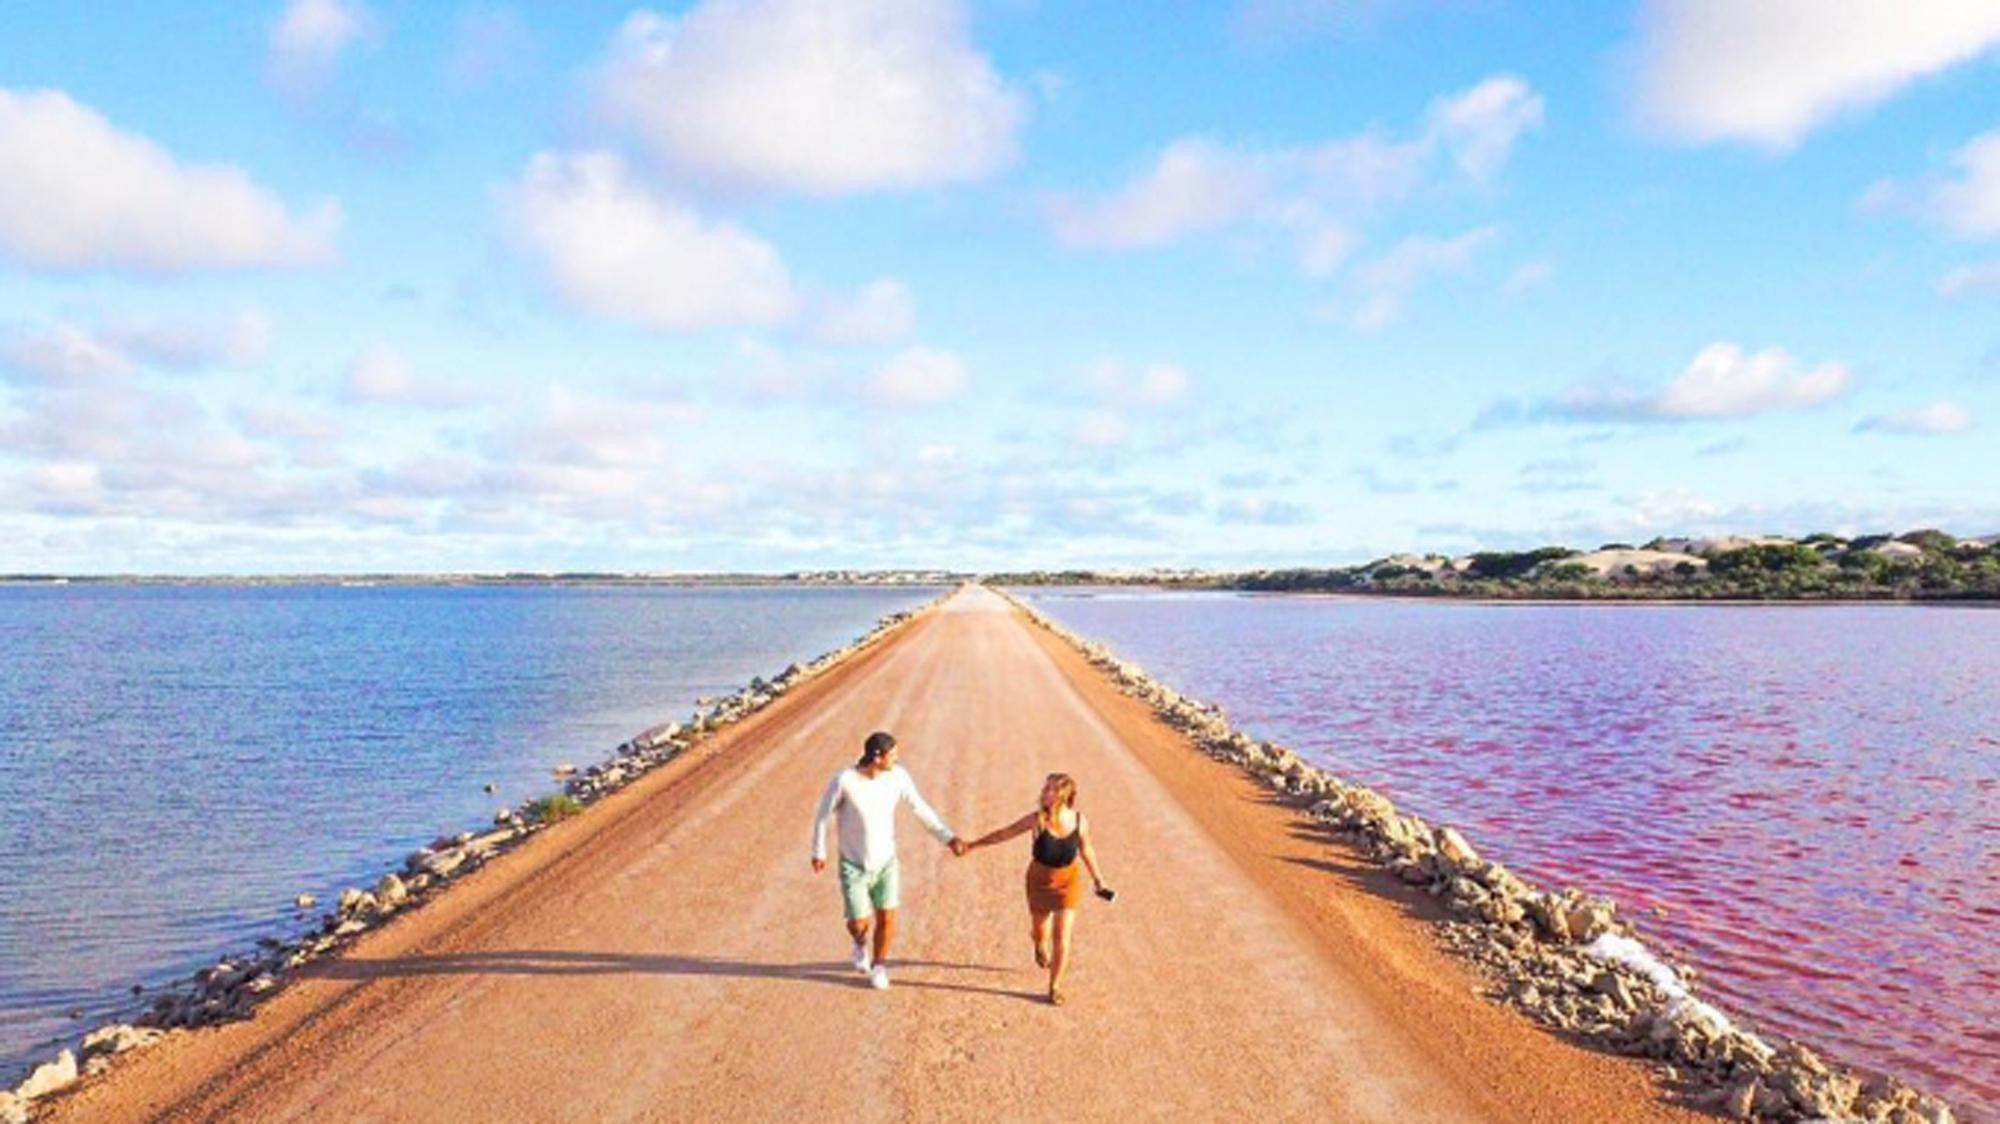 Con đường siêu đẹp giữa hai luồng nước xanh và hồng - Ảnh 5.